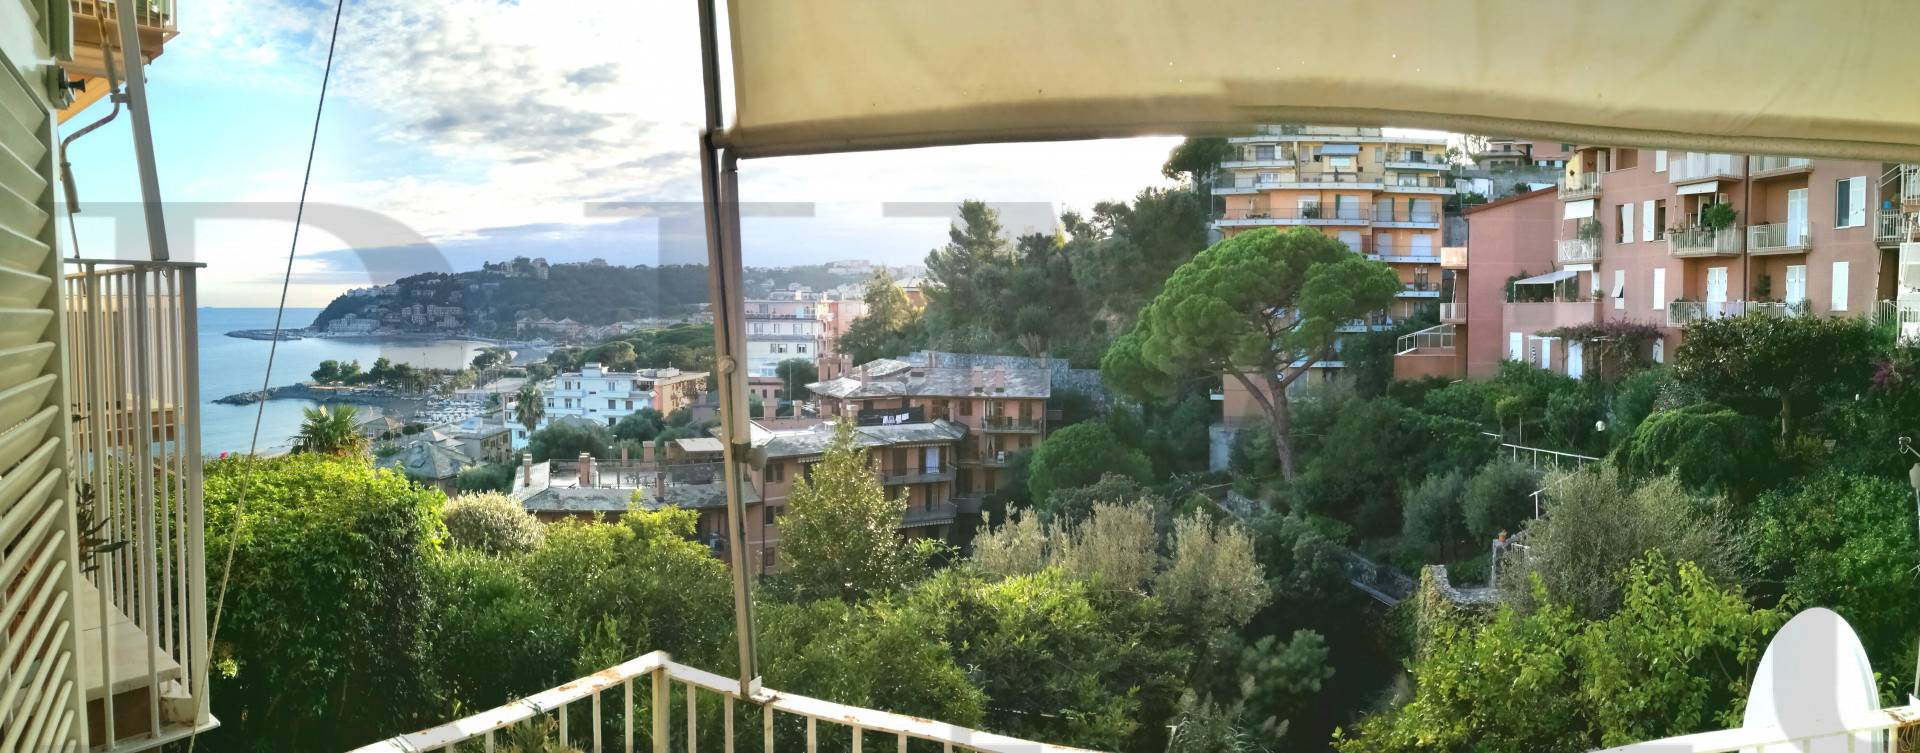 APPARTAMENTO in Affitto a Arenzano (GENOVA)